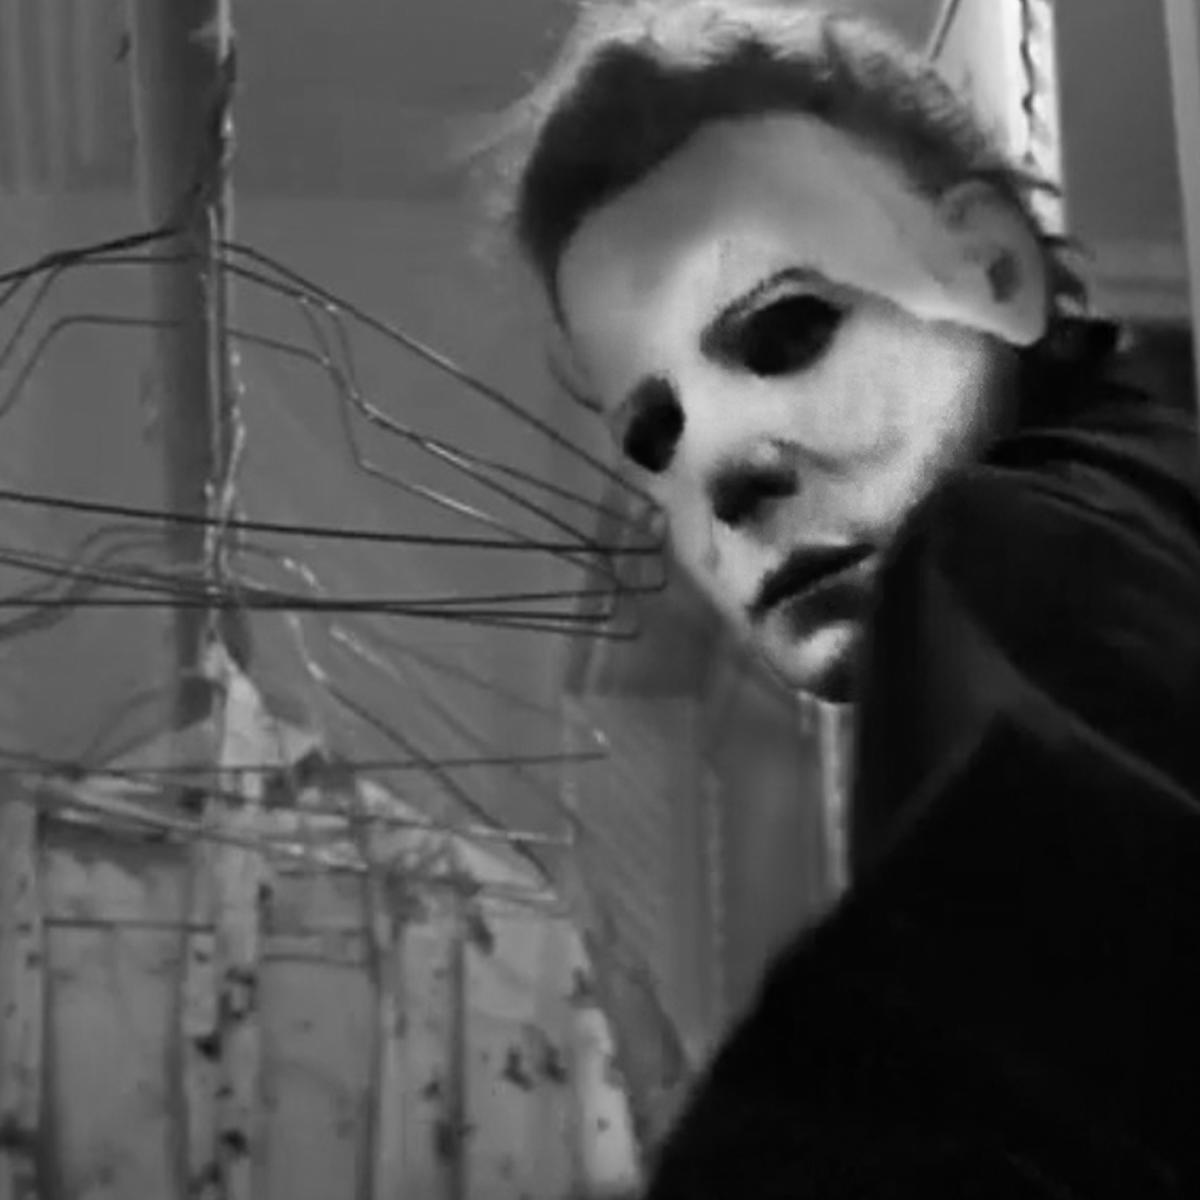 Michael Myers, Halloween 1978